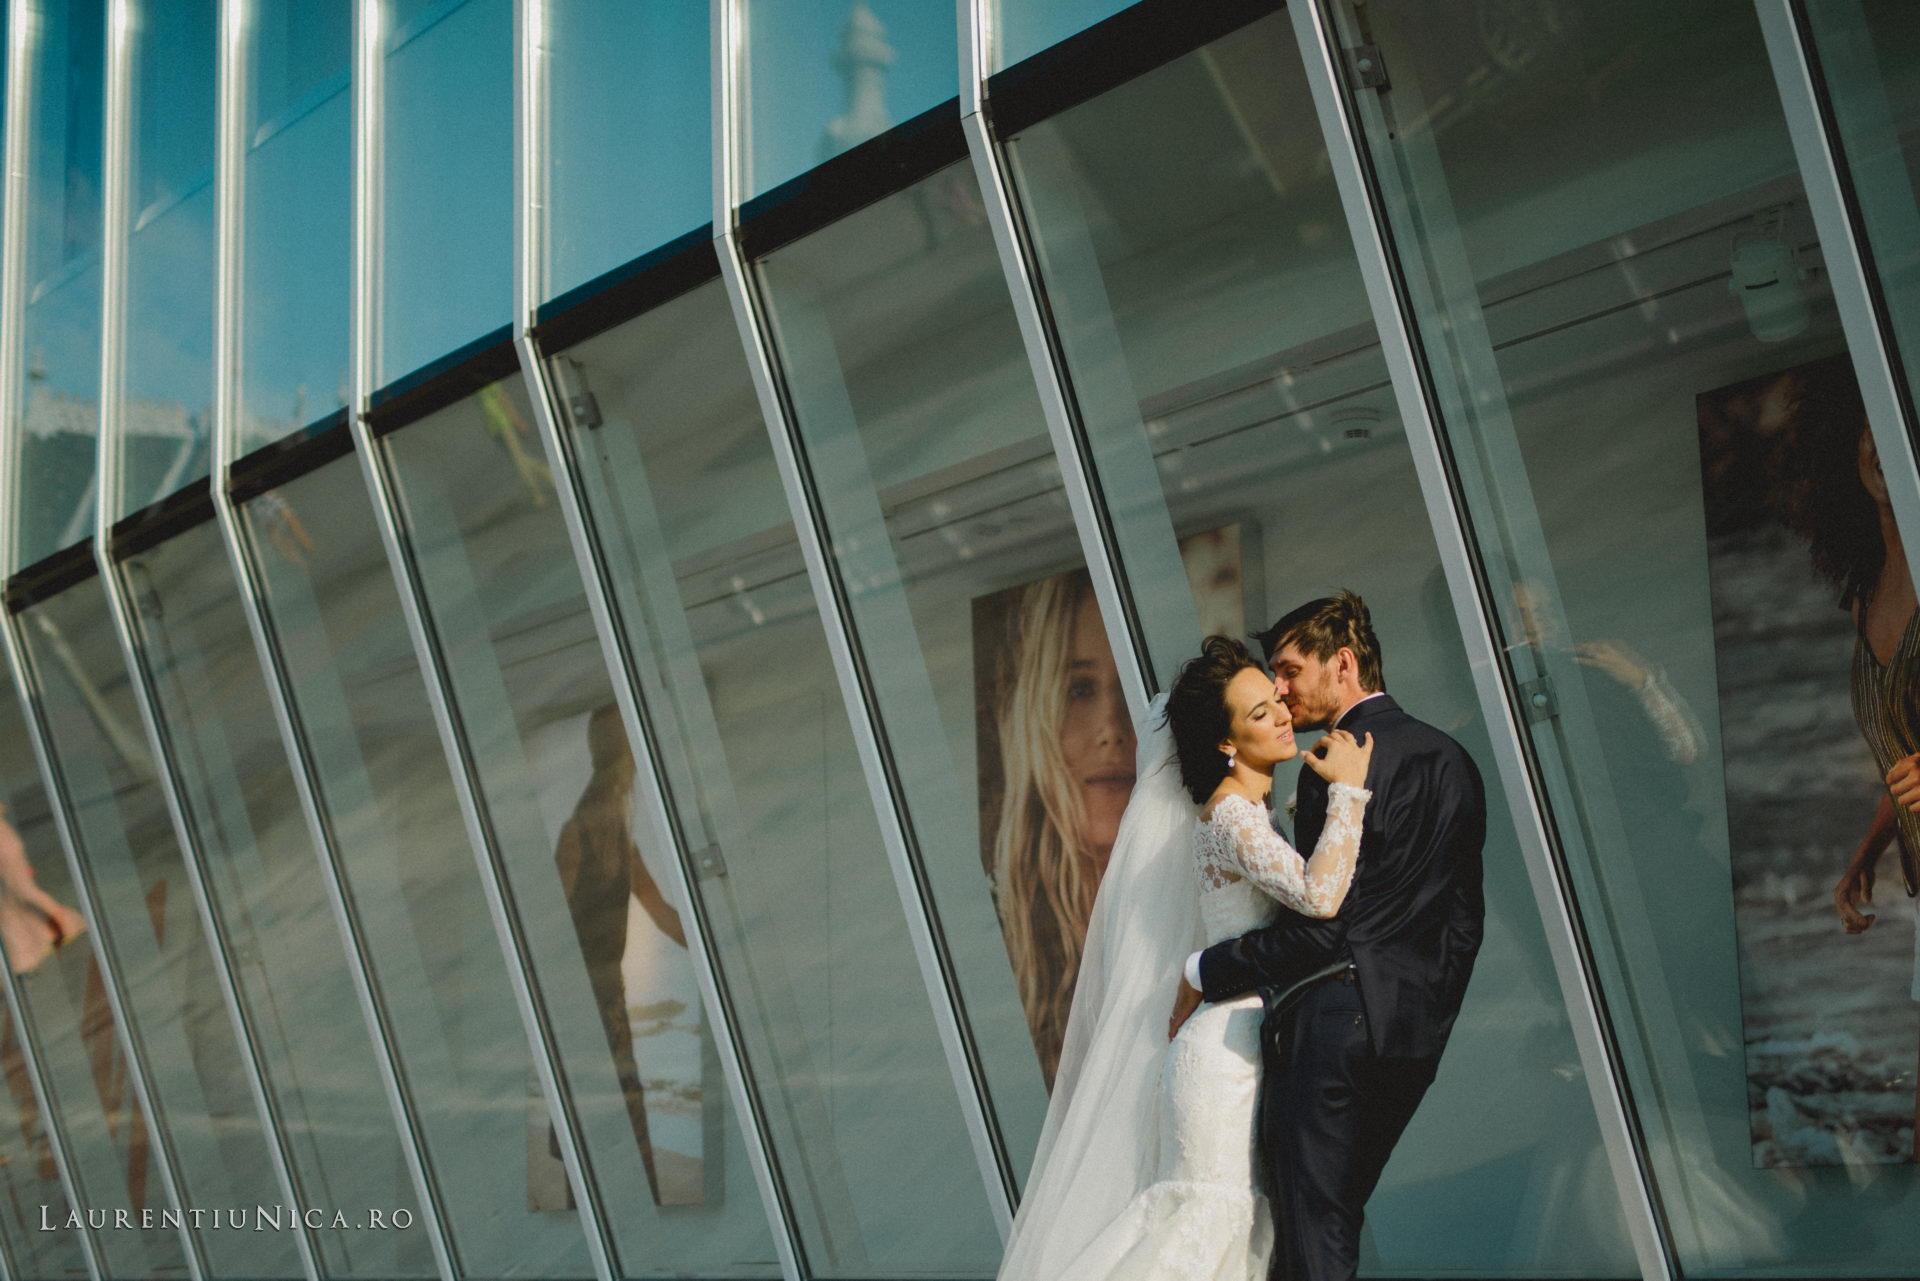 Cristina si Ovidiu nunta Craiova fotograf laurentiu nica 100 - Cristina & Ovidiu | Fotografii nunta | Craiova